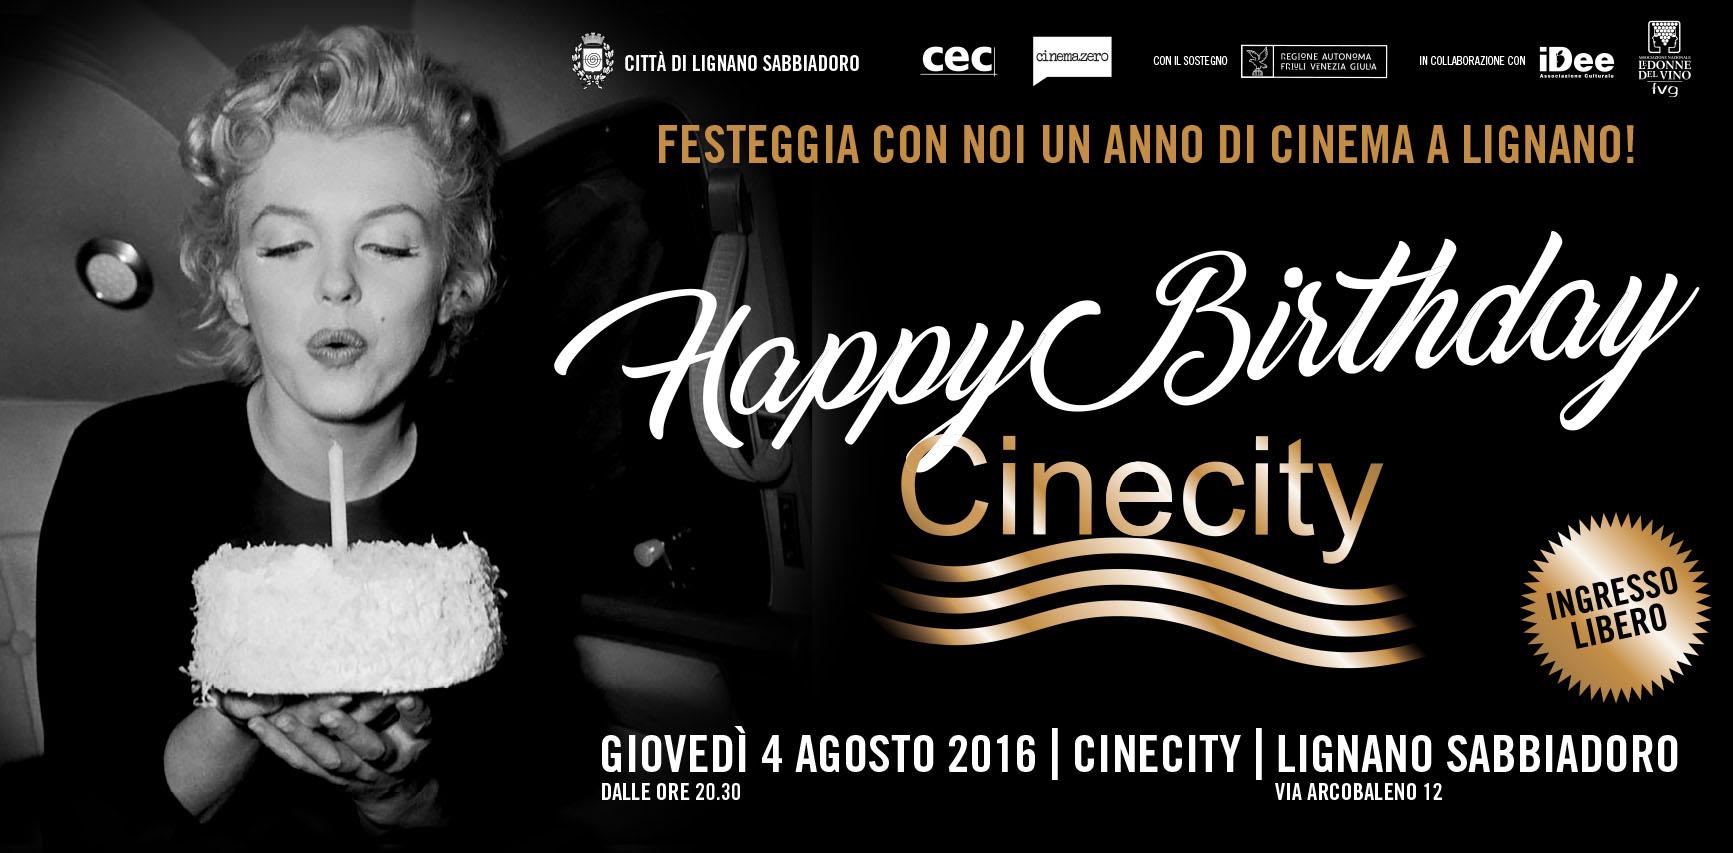 Festa a Lignano Sabbiadoro in onore di Marilyn Monroe